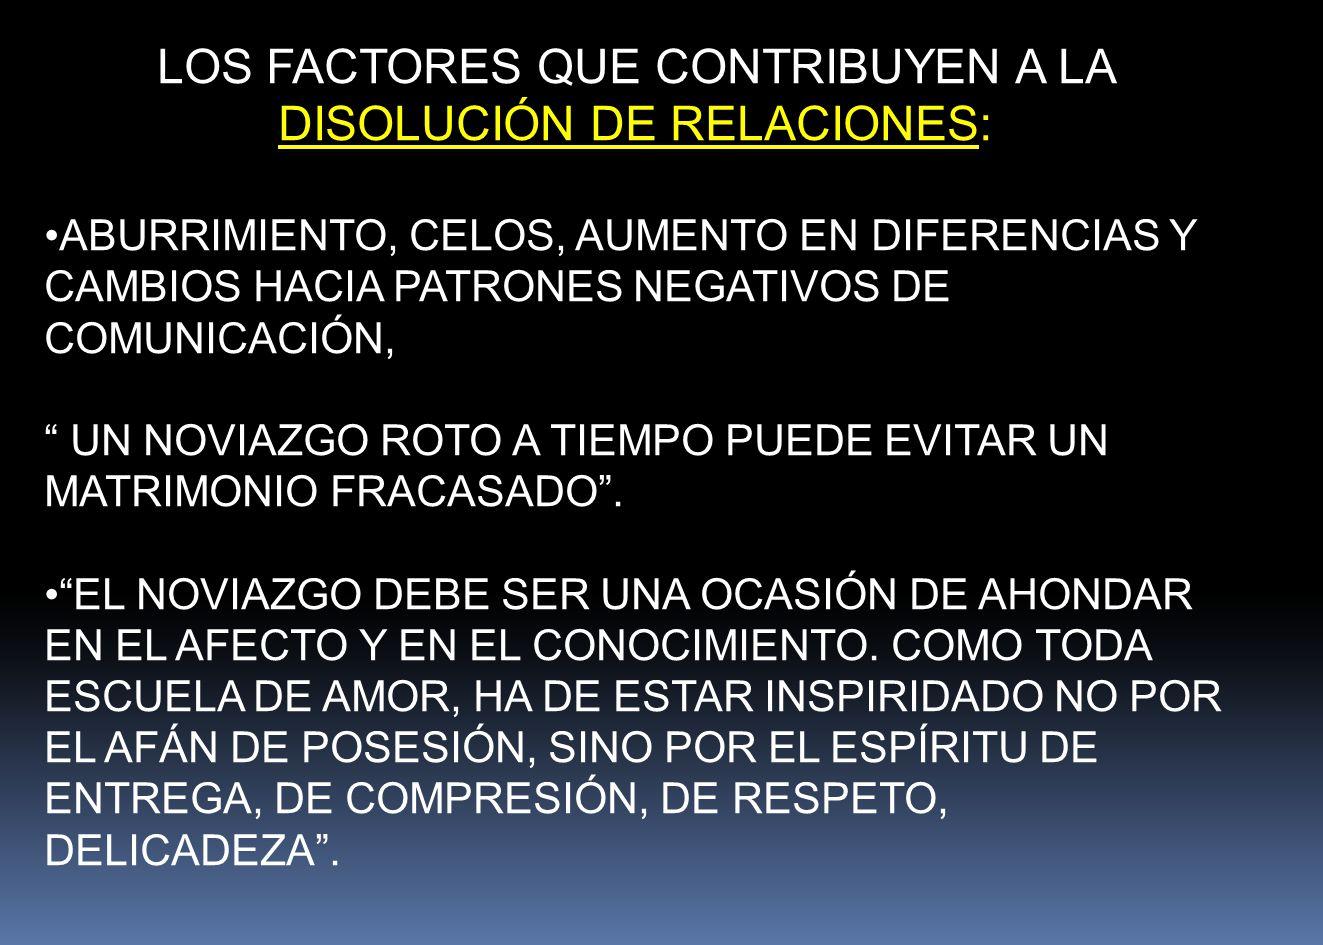 LOS FACTORES QUE CONTRIBUYEN A LA DISOLUCIÓN DE RELACIONES: